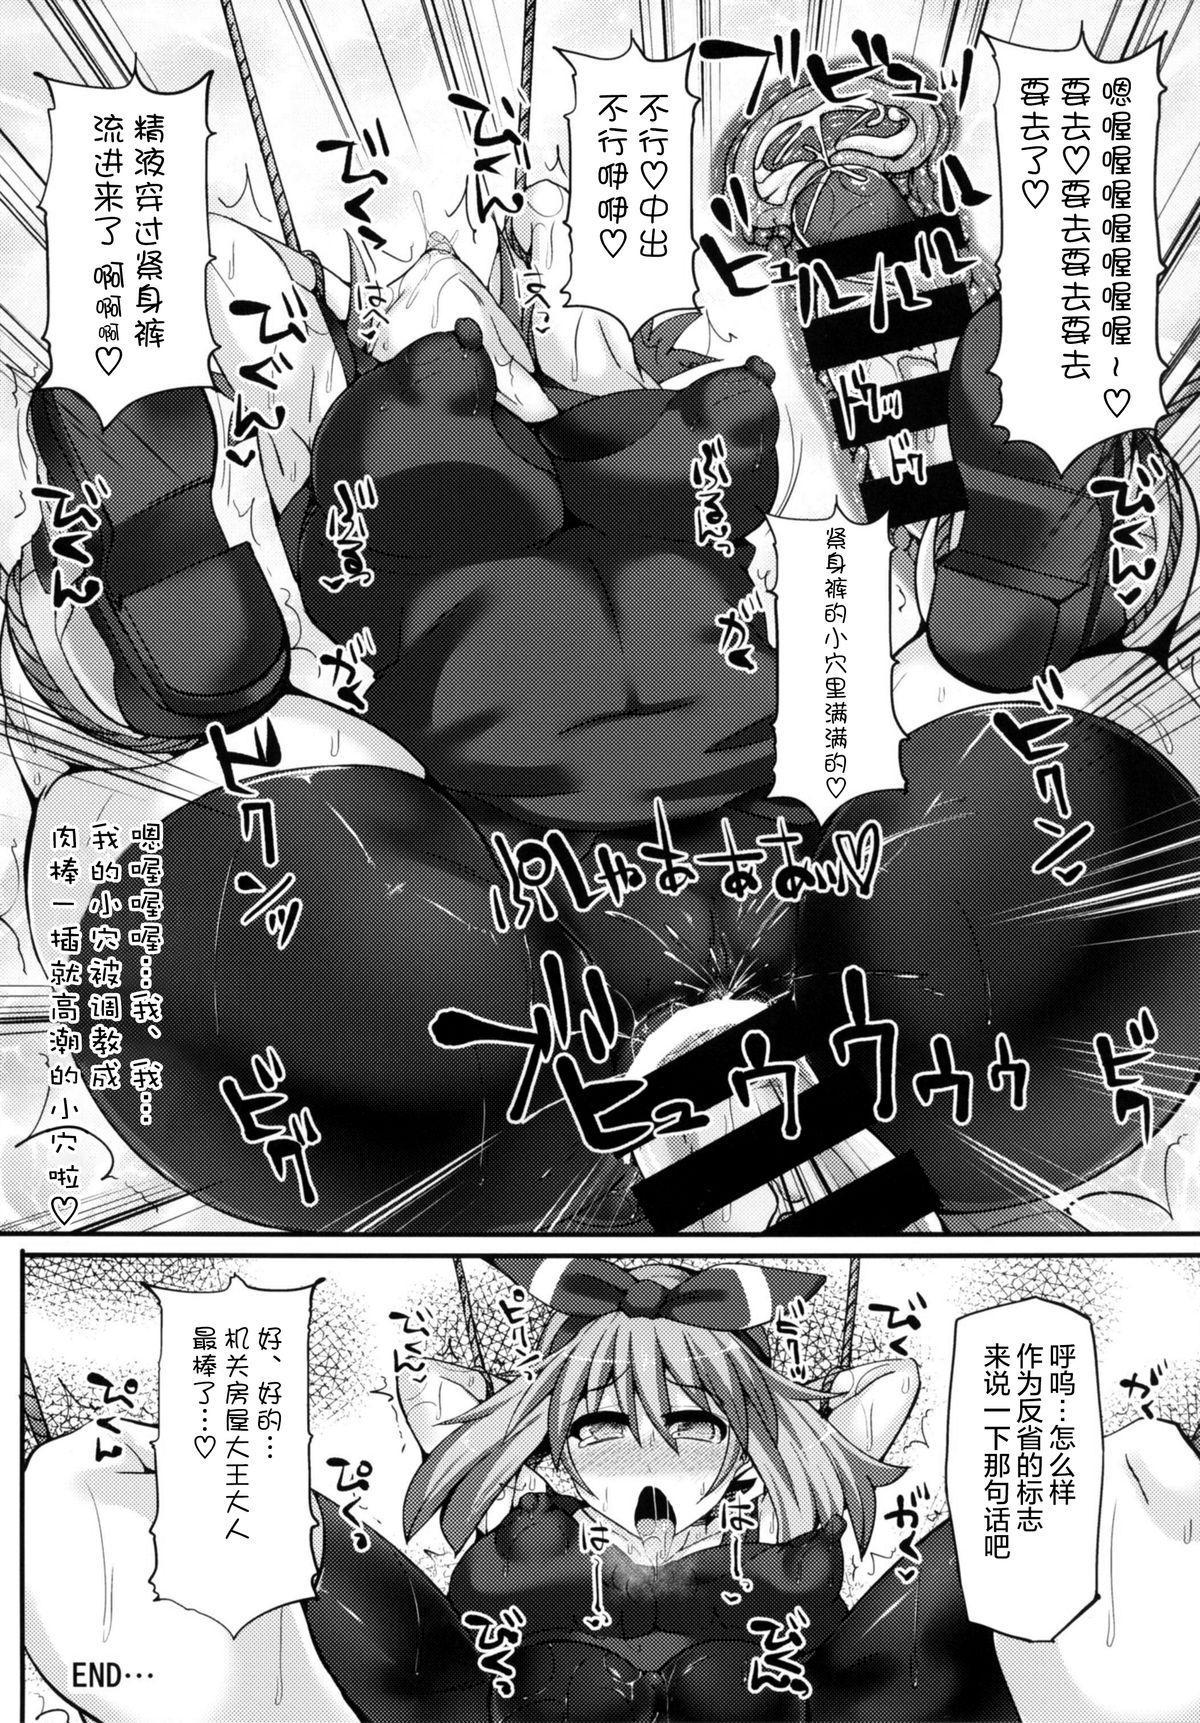 Karakuri Acme Yashiki 19